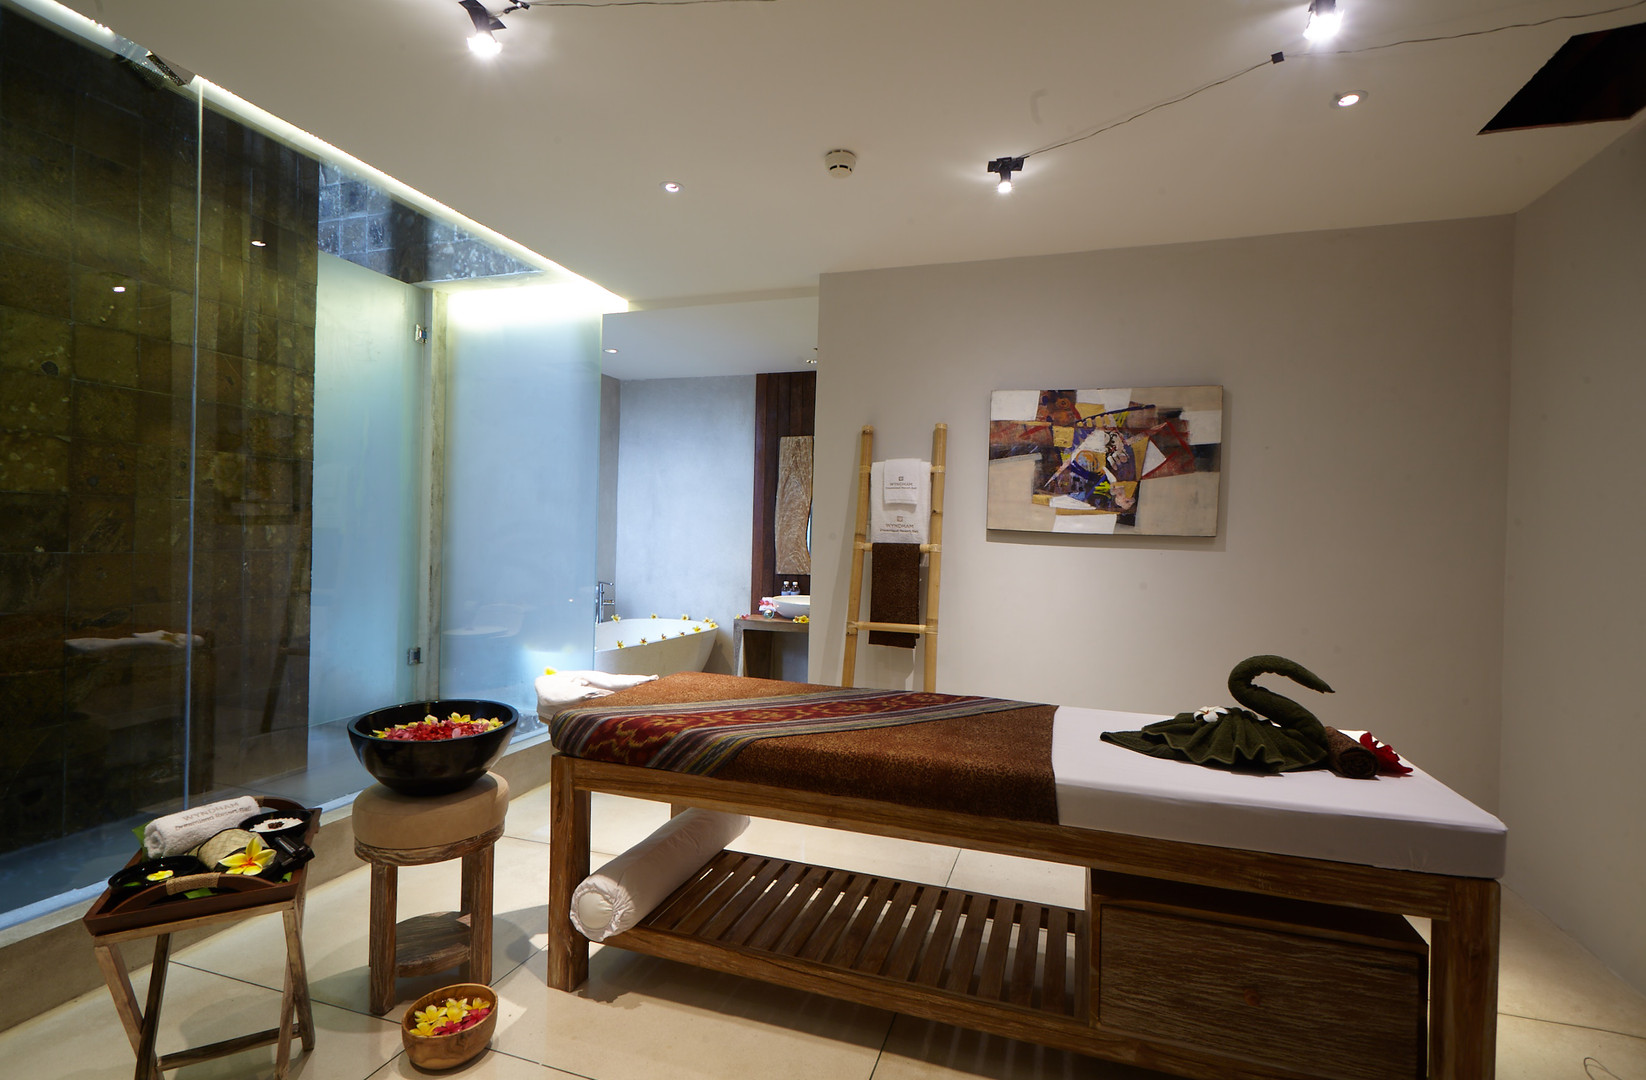 10. Spa Treatment Room - Wyndham Dreamla